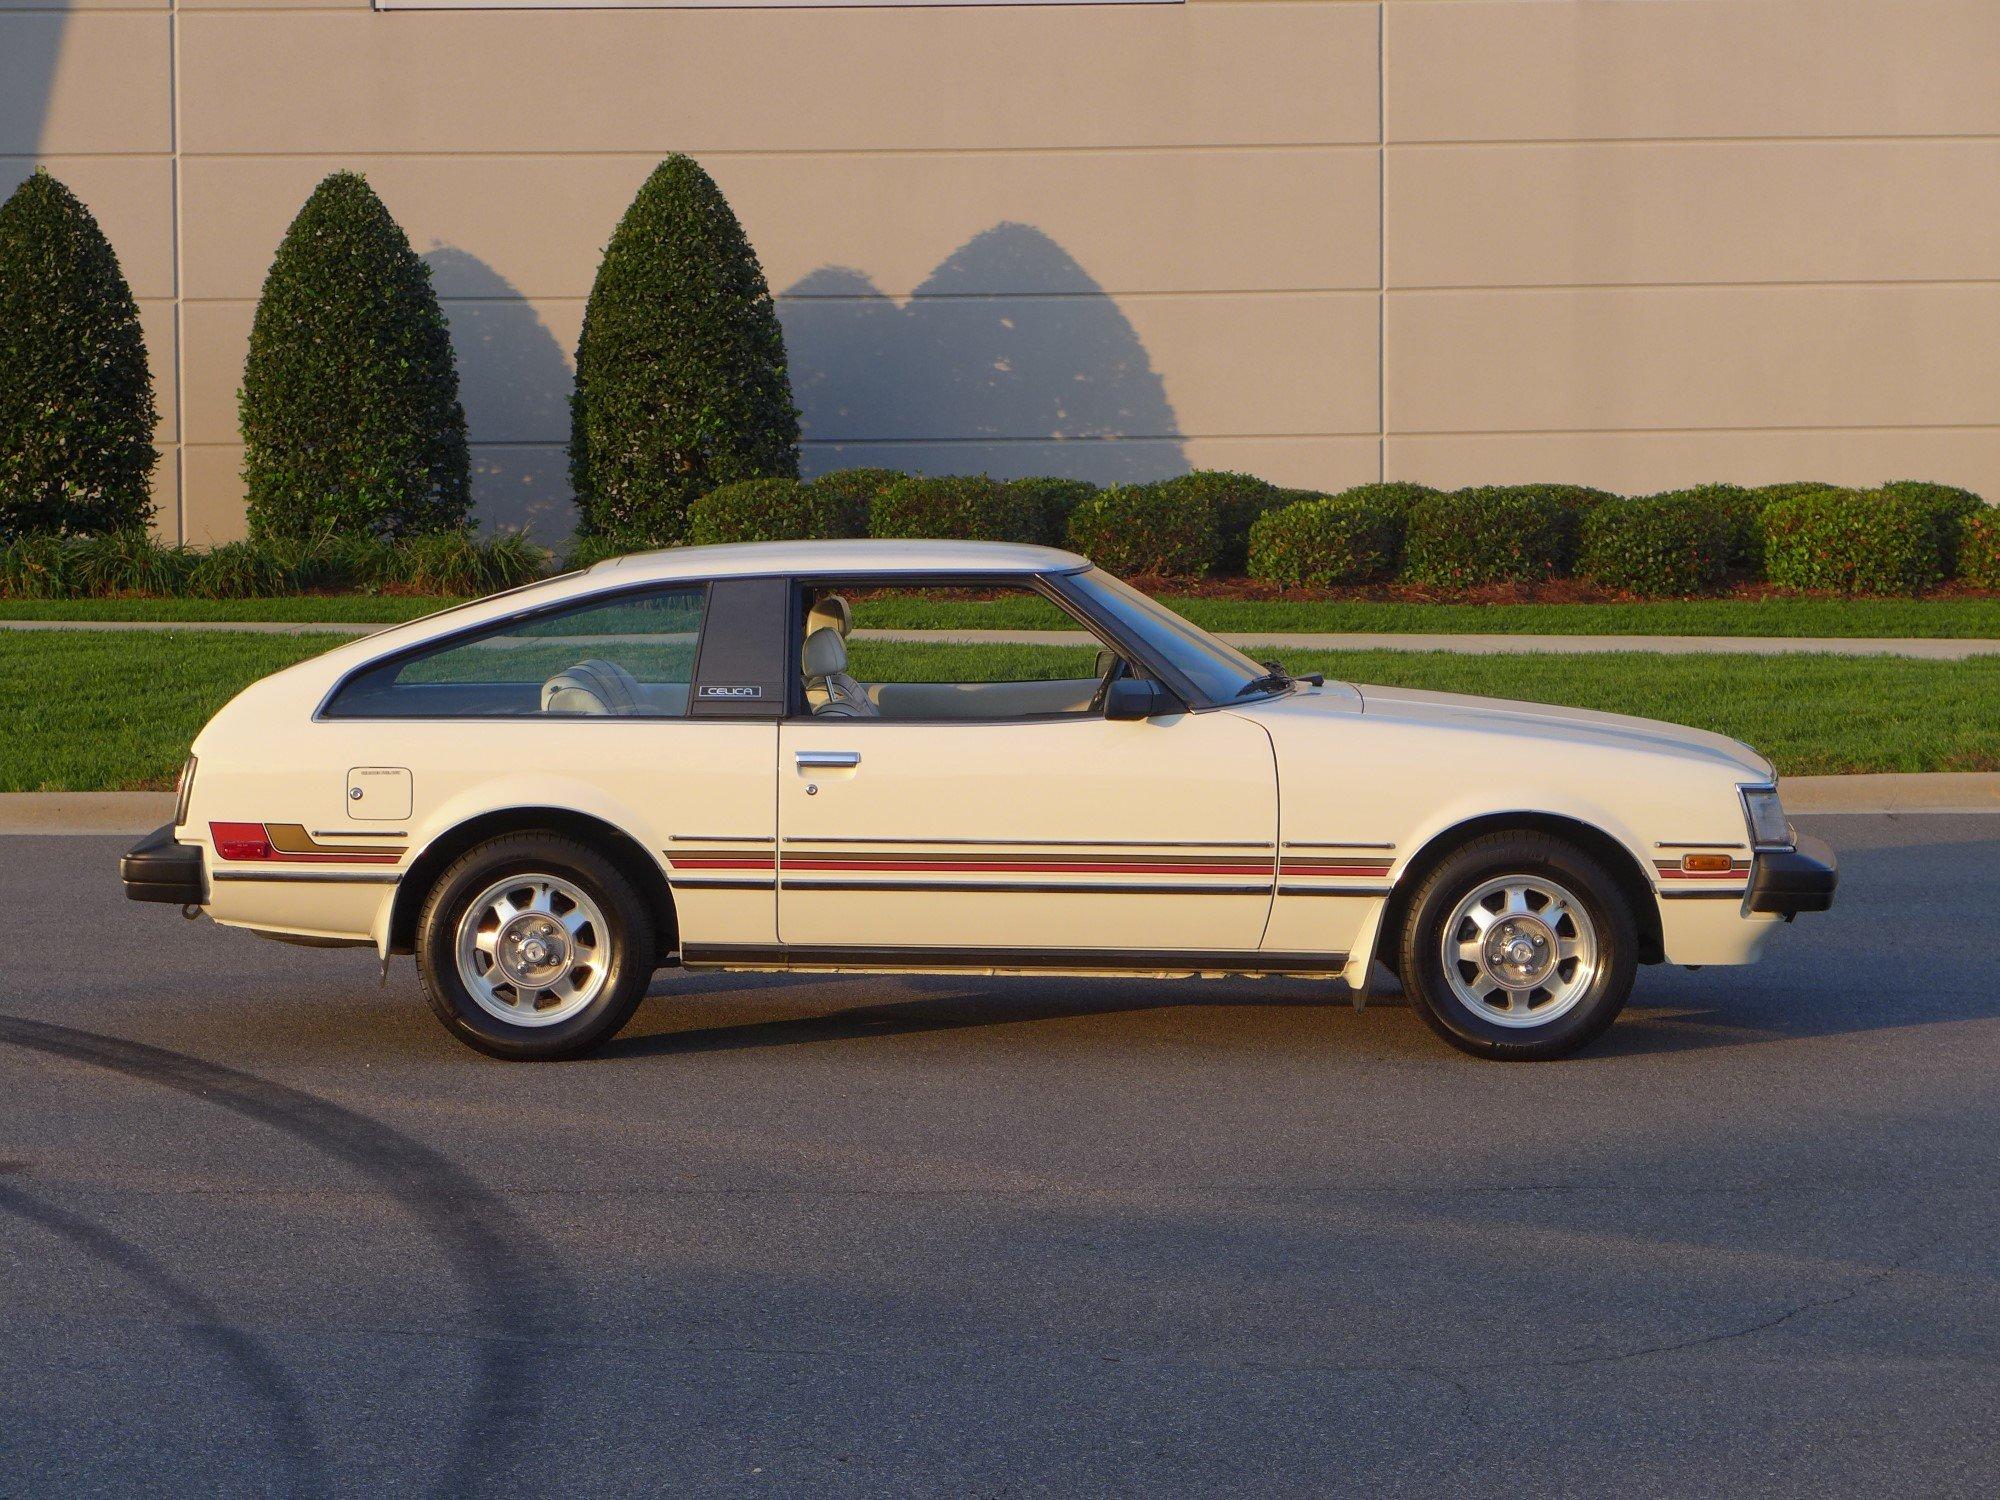 Kelebihan Kekurangan Toyota Celica 1980 Tangguh